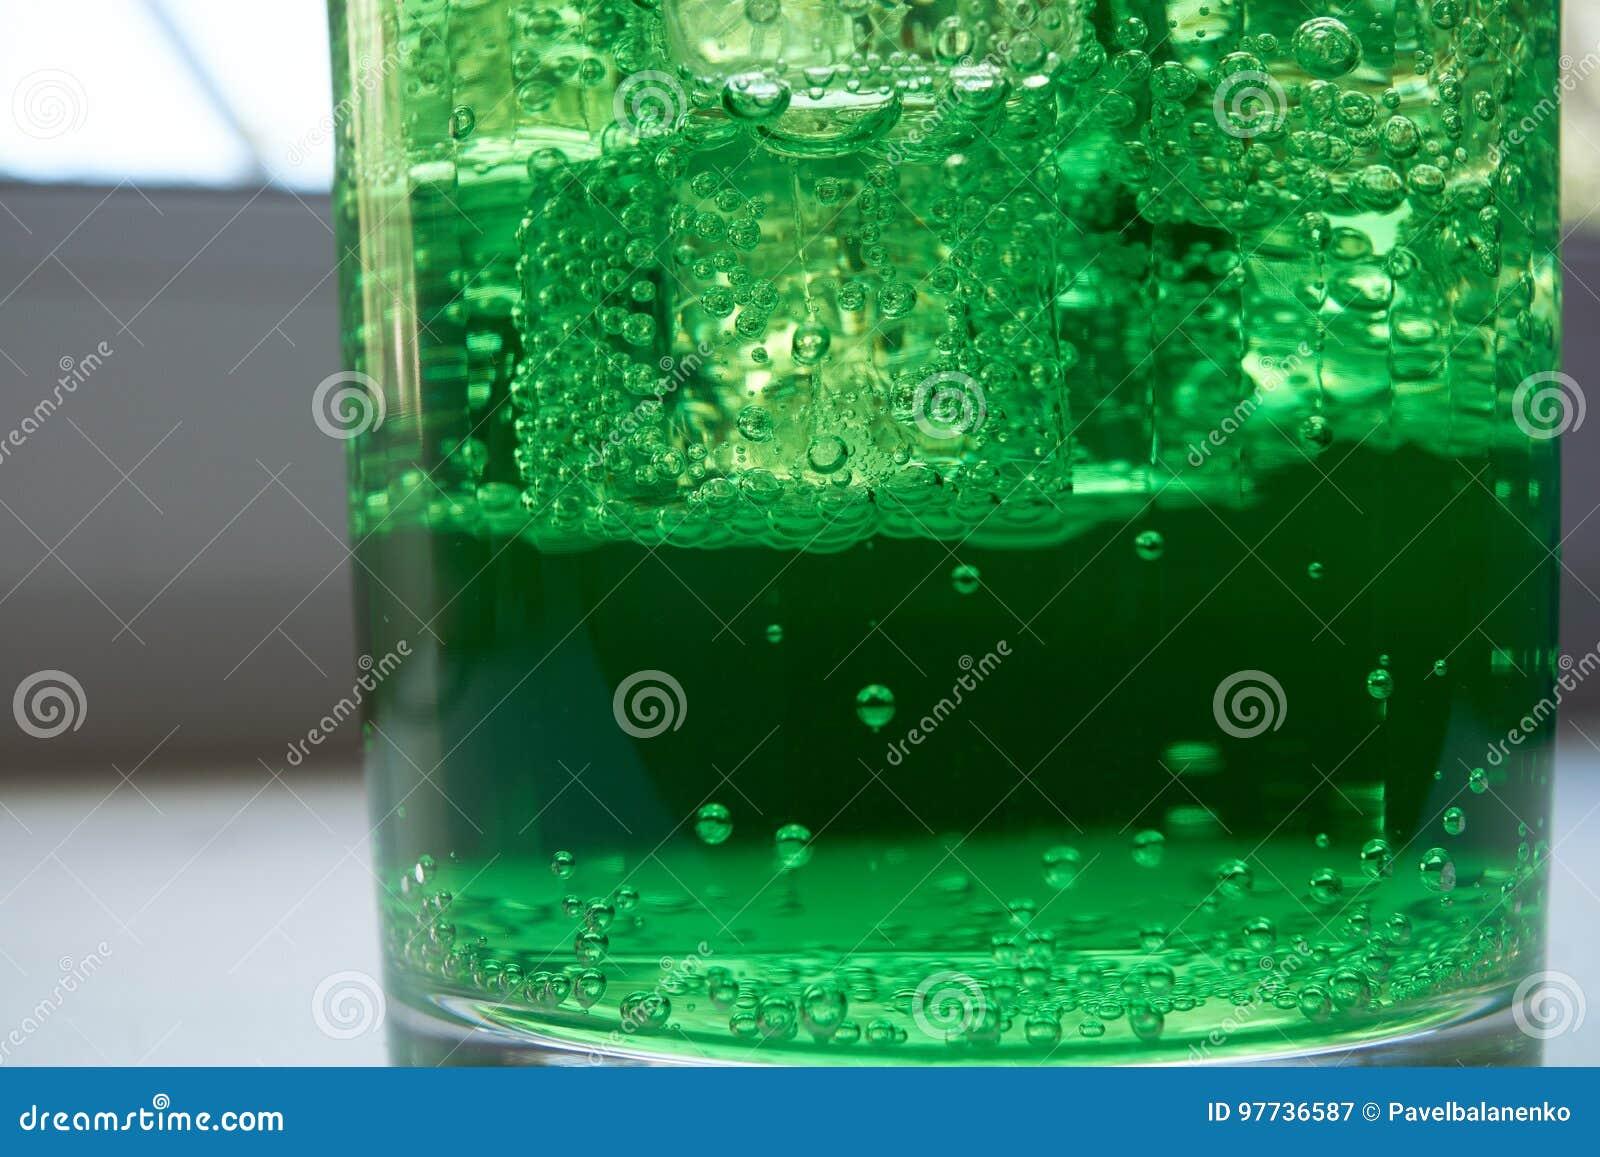 Closeupskott av ett grönt kolsyrat vatten